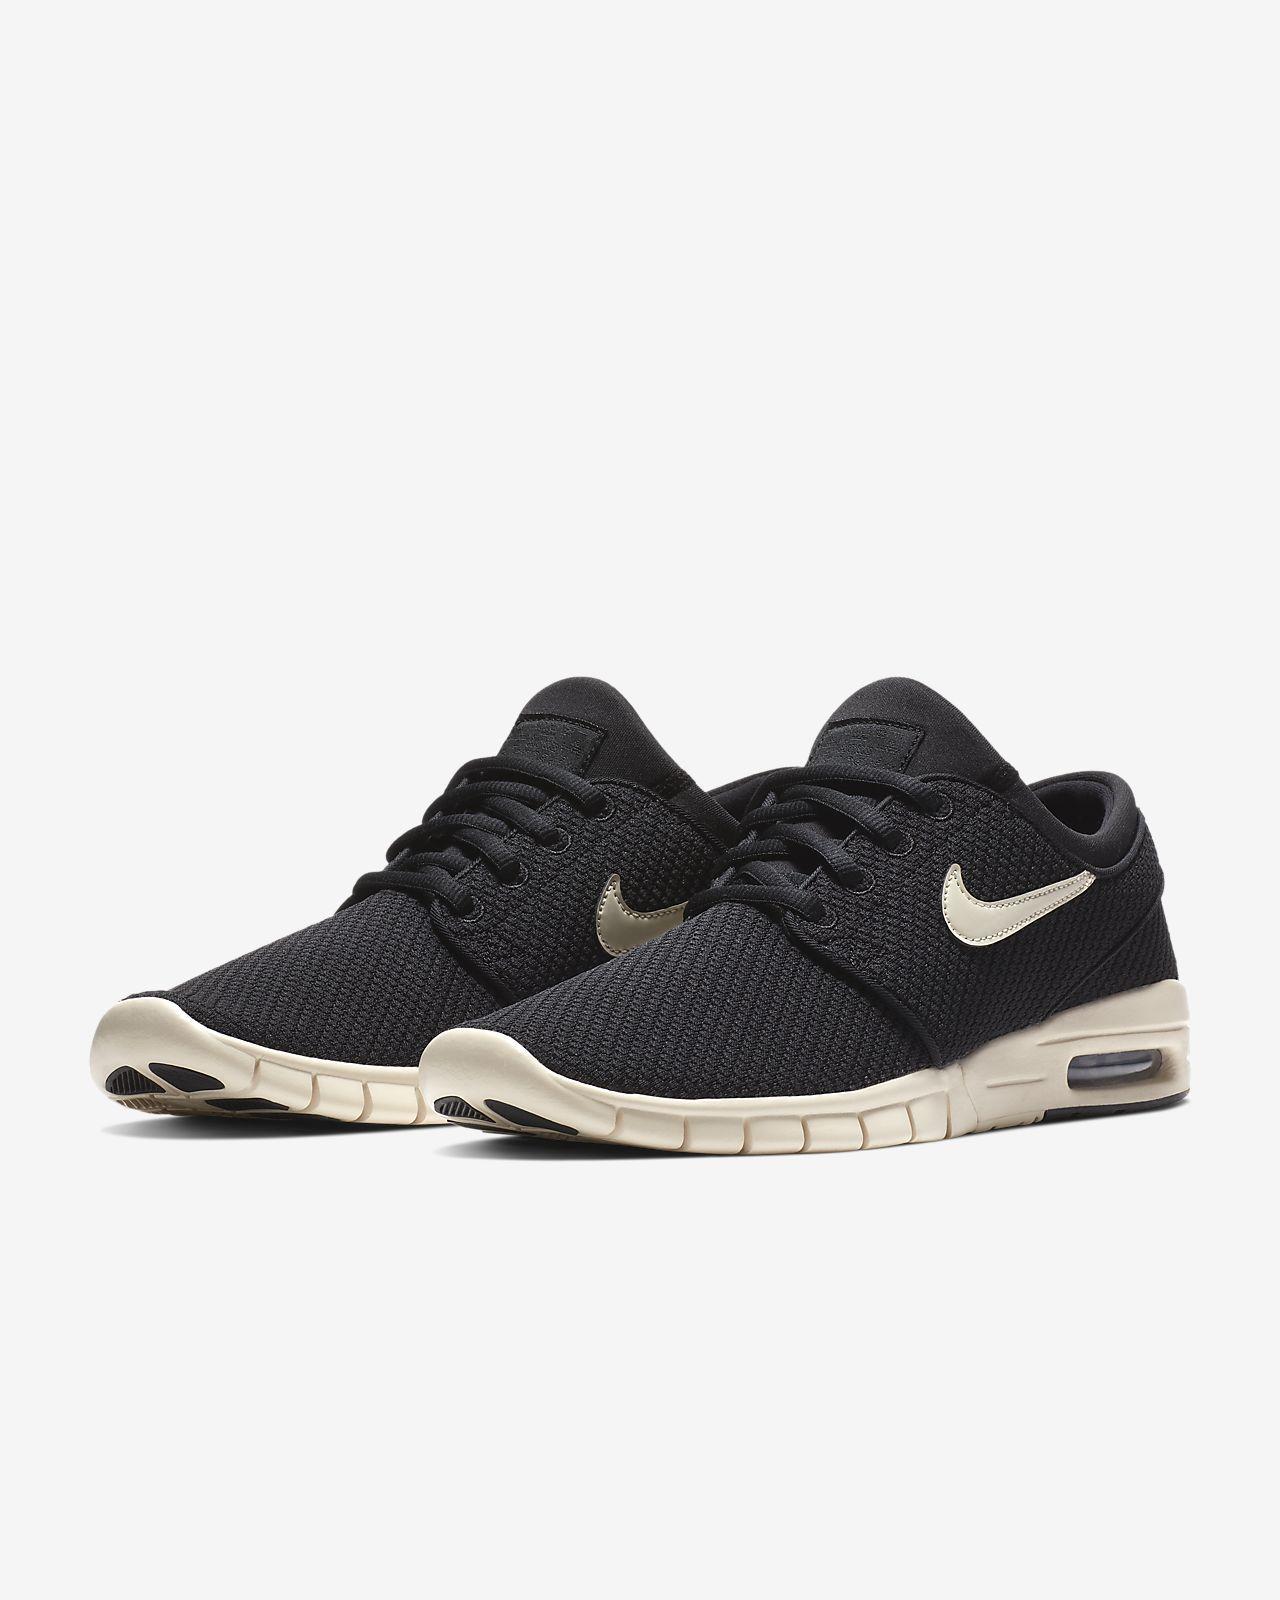 4296248c6e4 Nike SB Stefan Janoski Max Skate Shoe. Nike.com